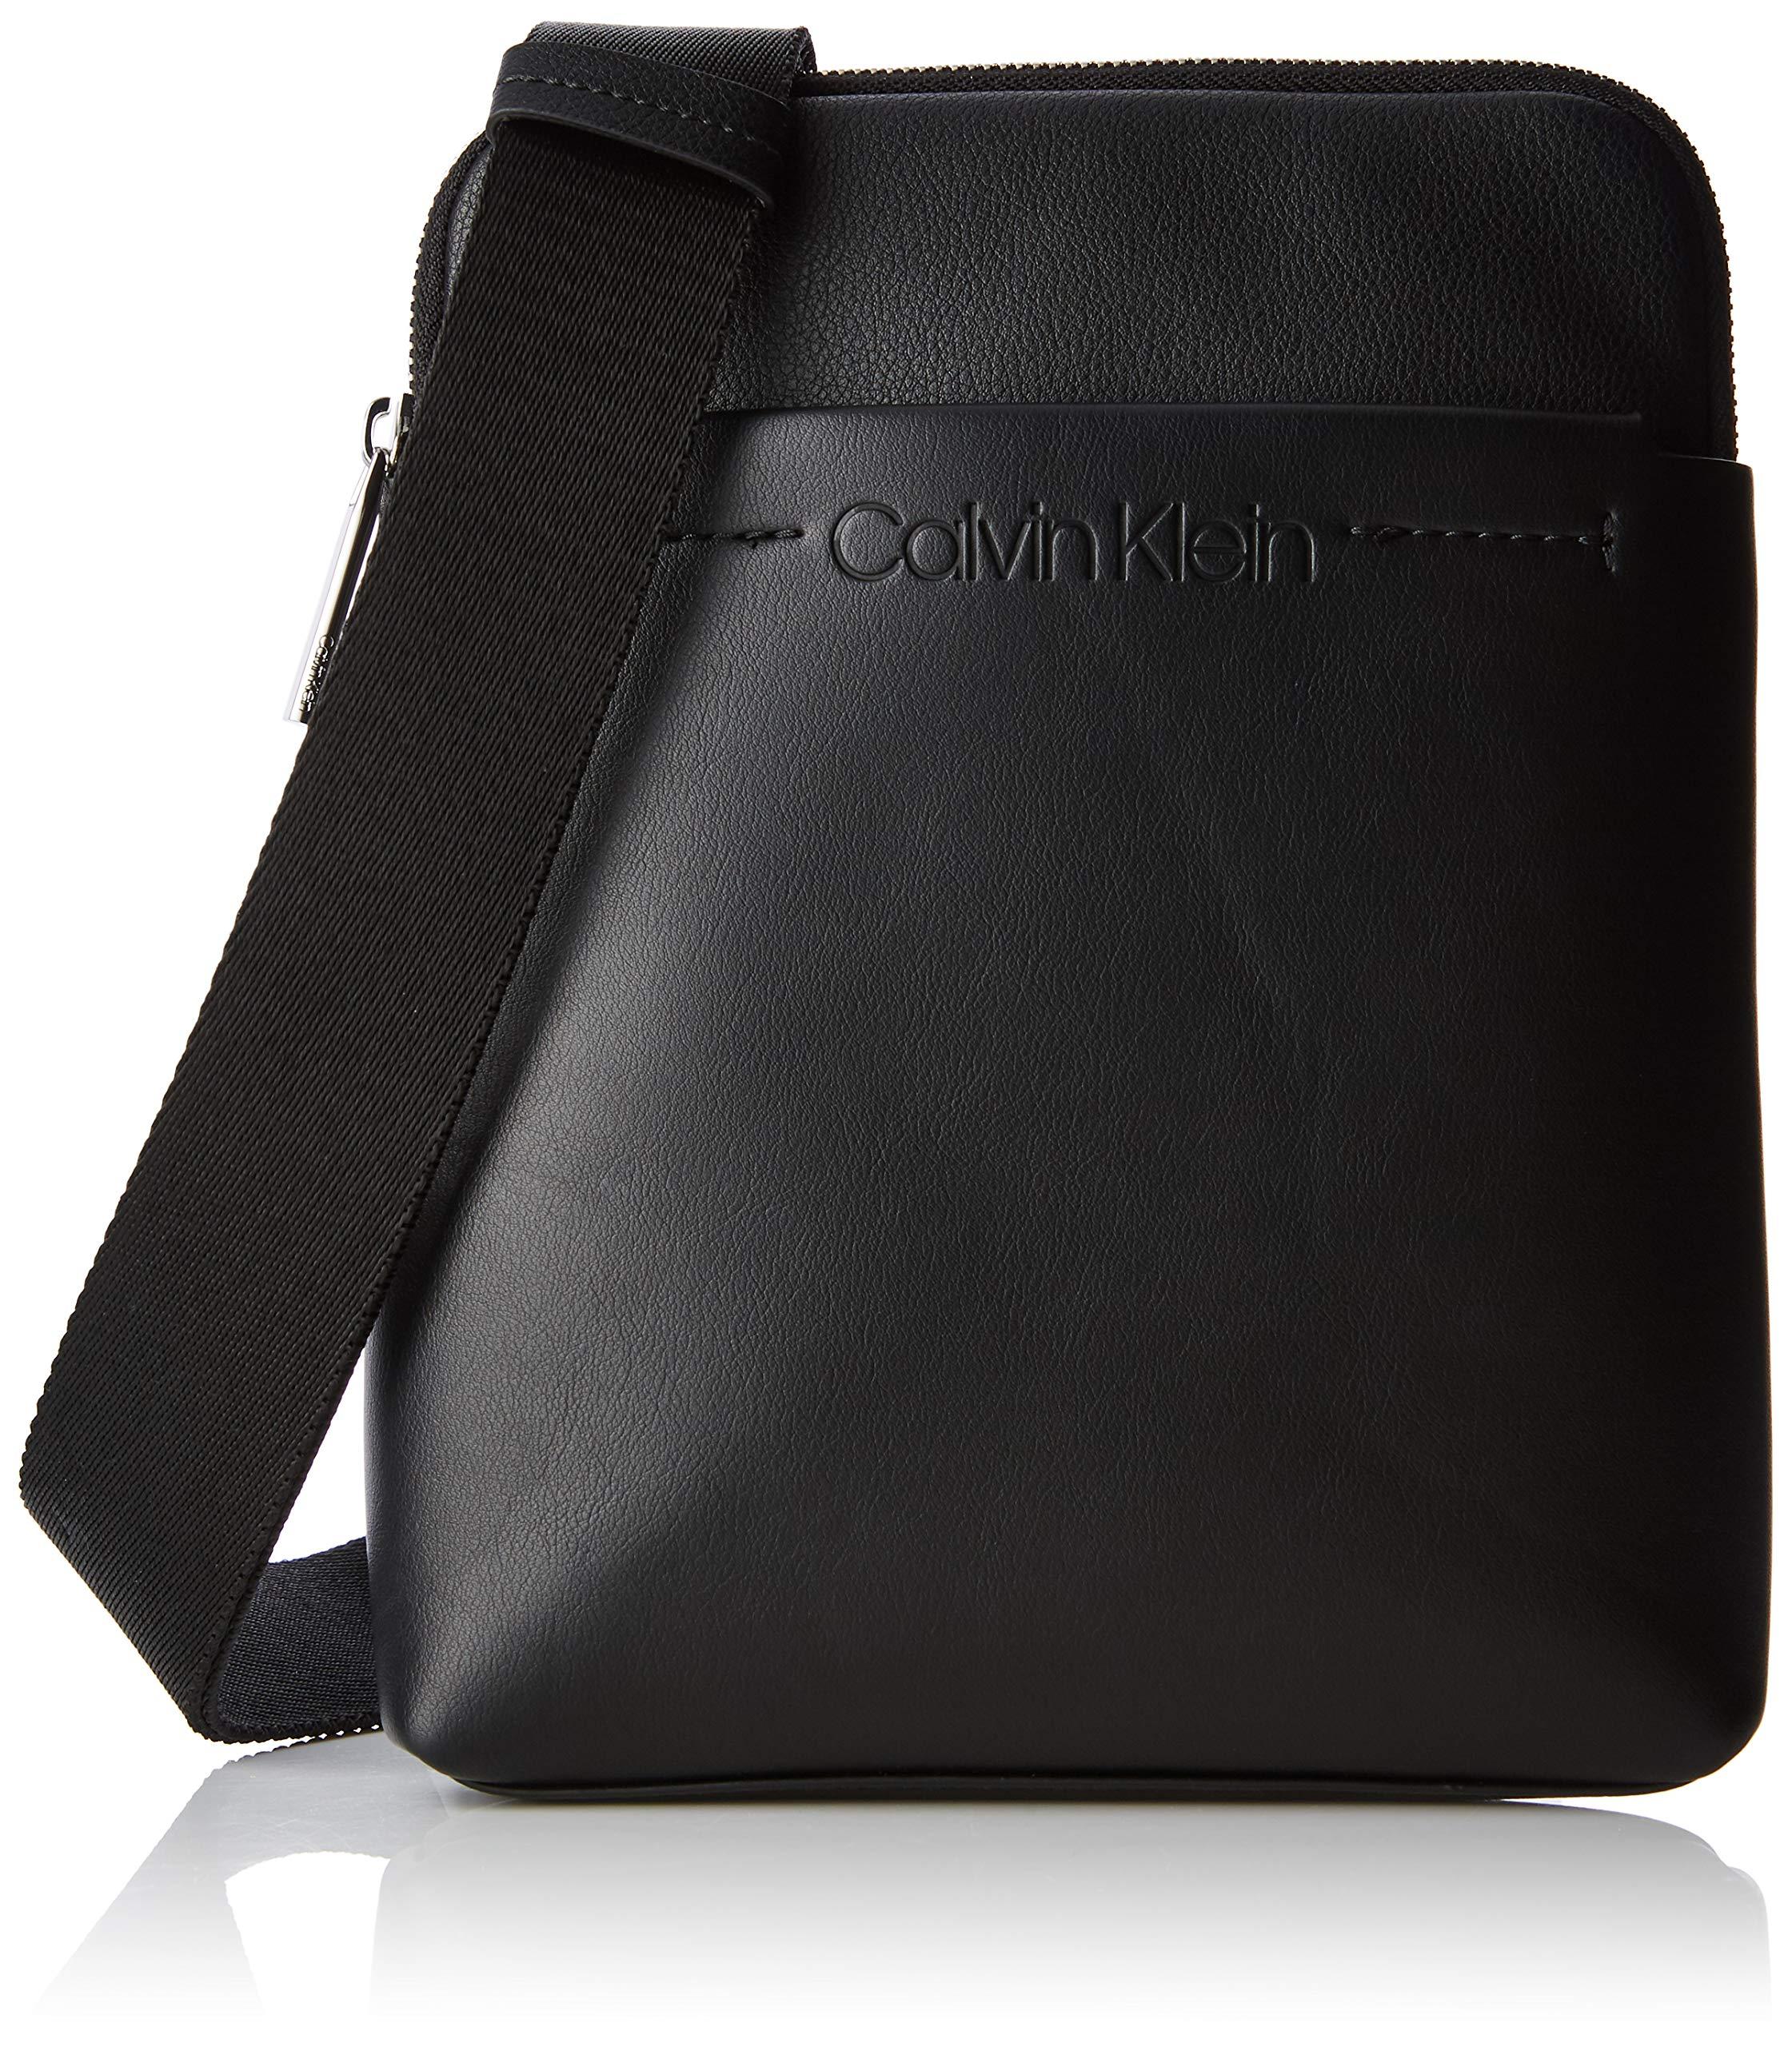 583182563b Calvin Klein - Flex 1 G Ipad Flat Crossover, Borse a spalla Uomo - Compra  al prezzo migliore